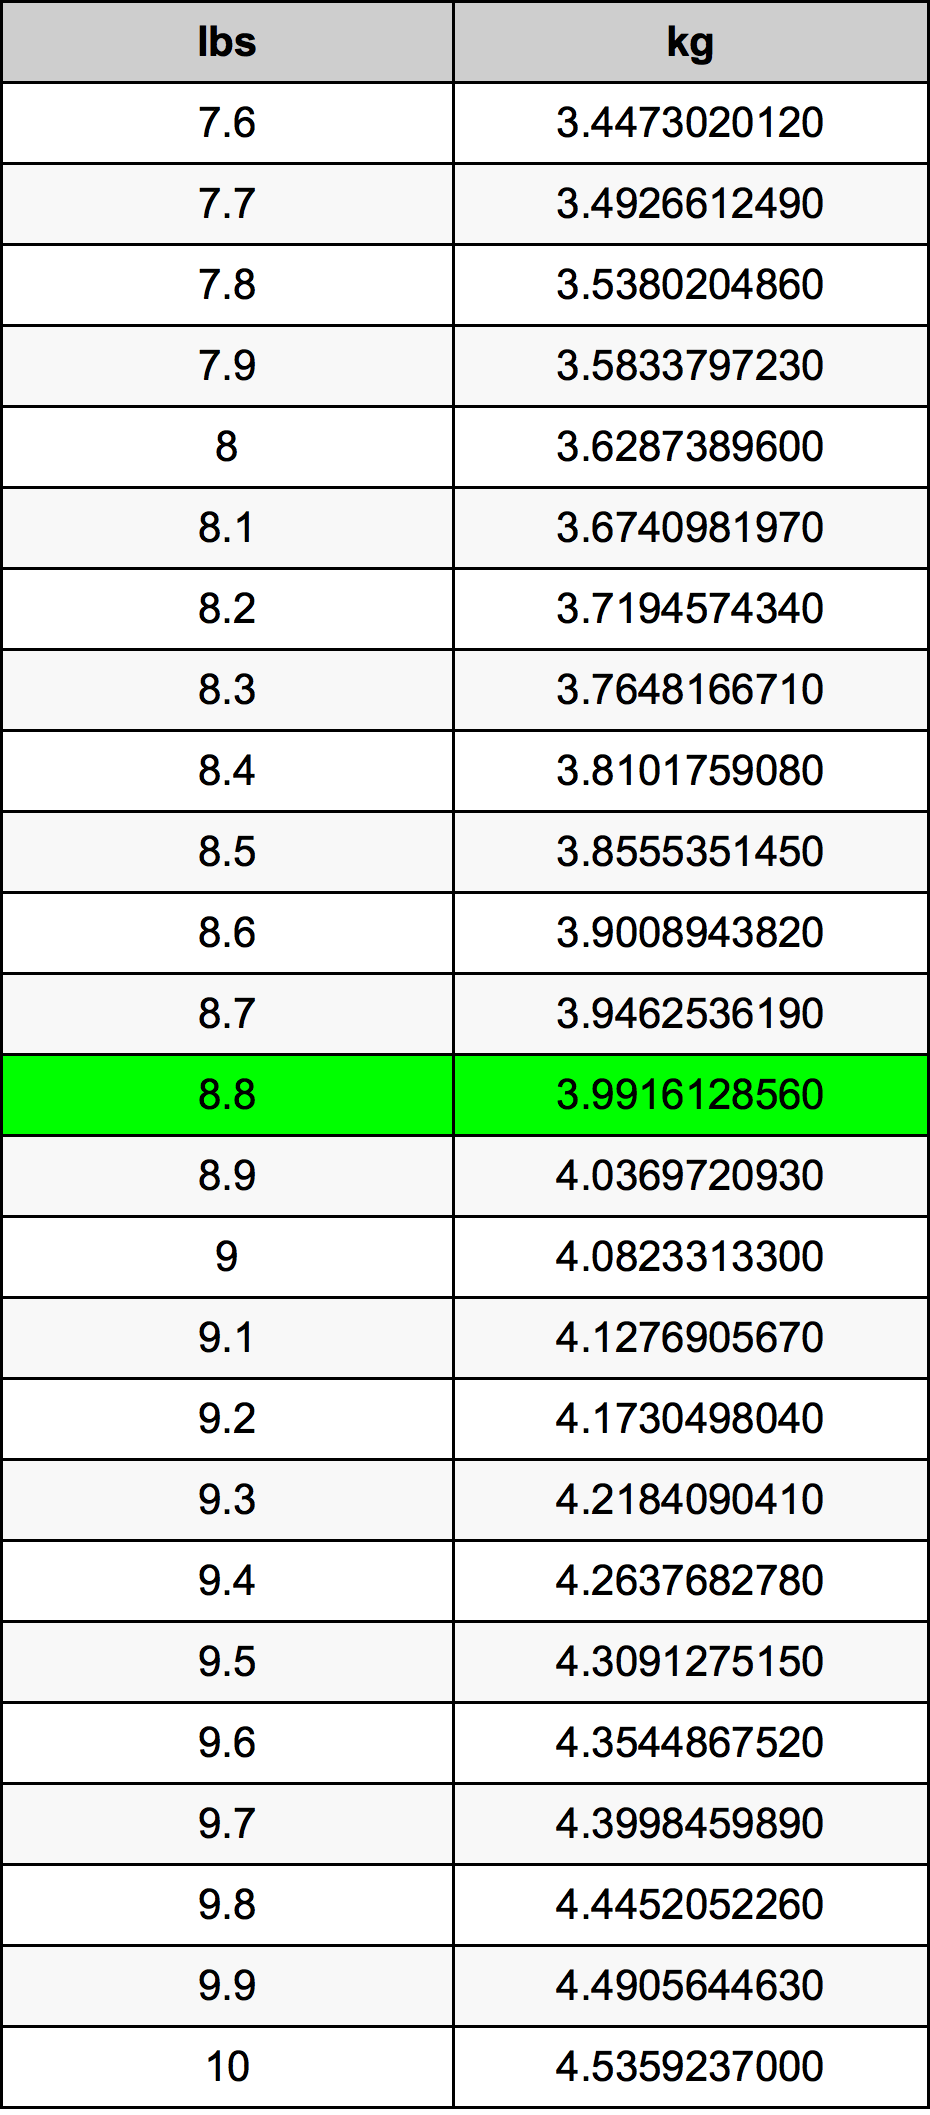 8.8 Lliura Taula de conversió